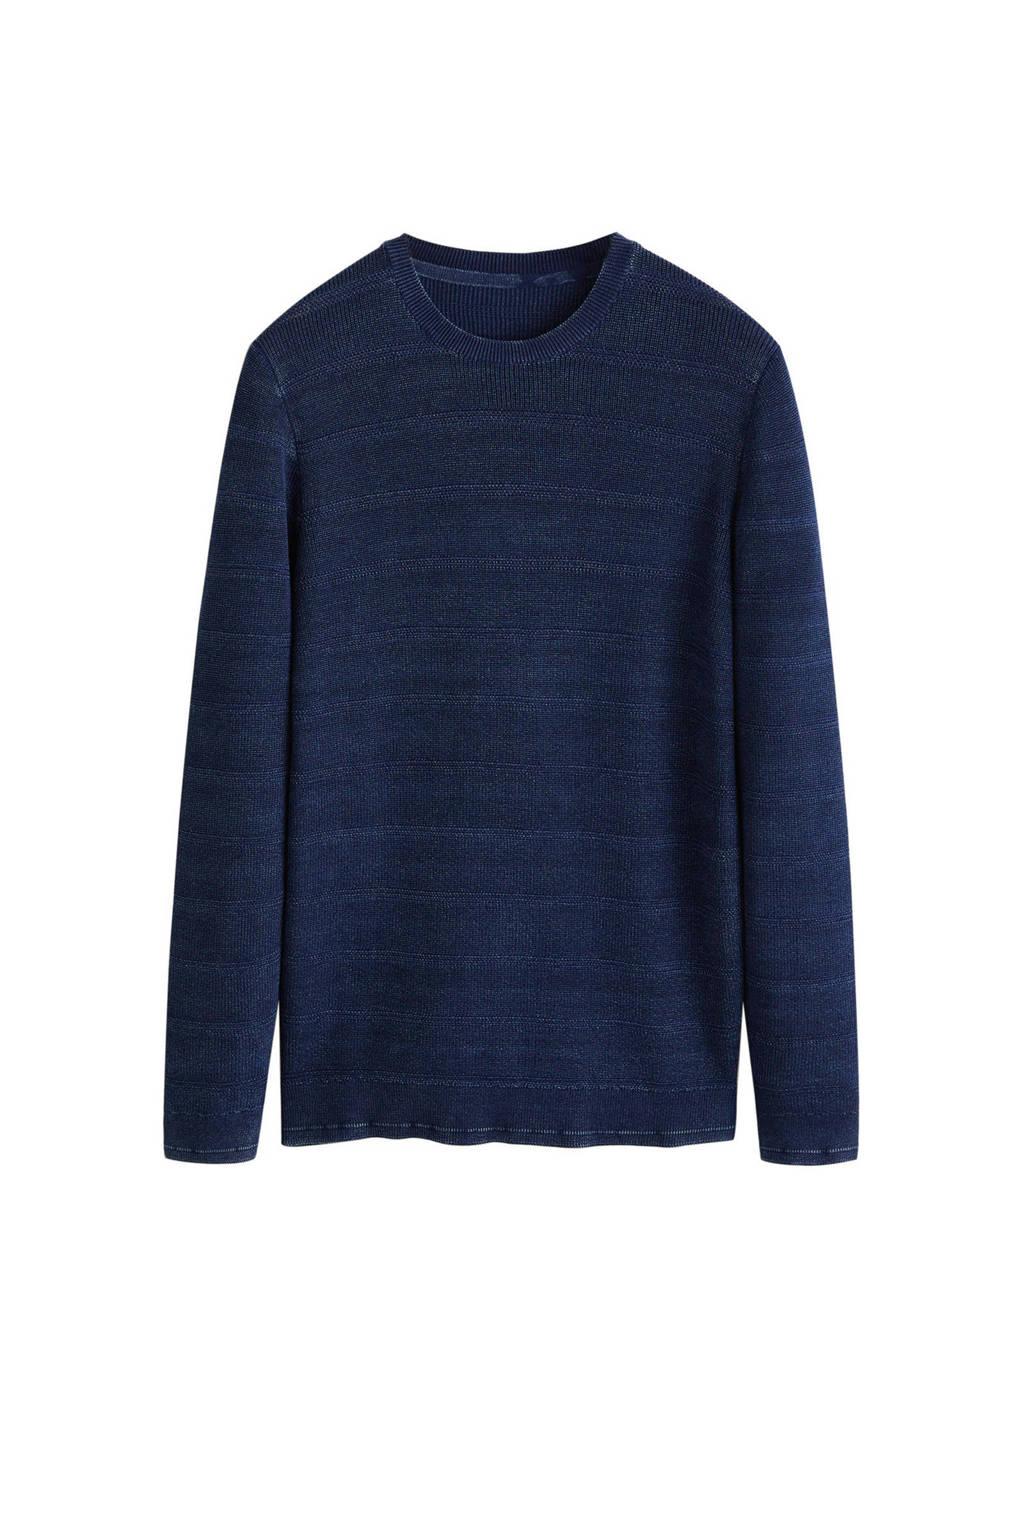 Mango Man trui middenblauw